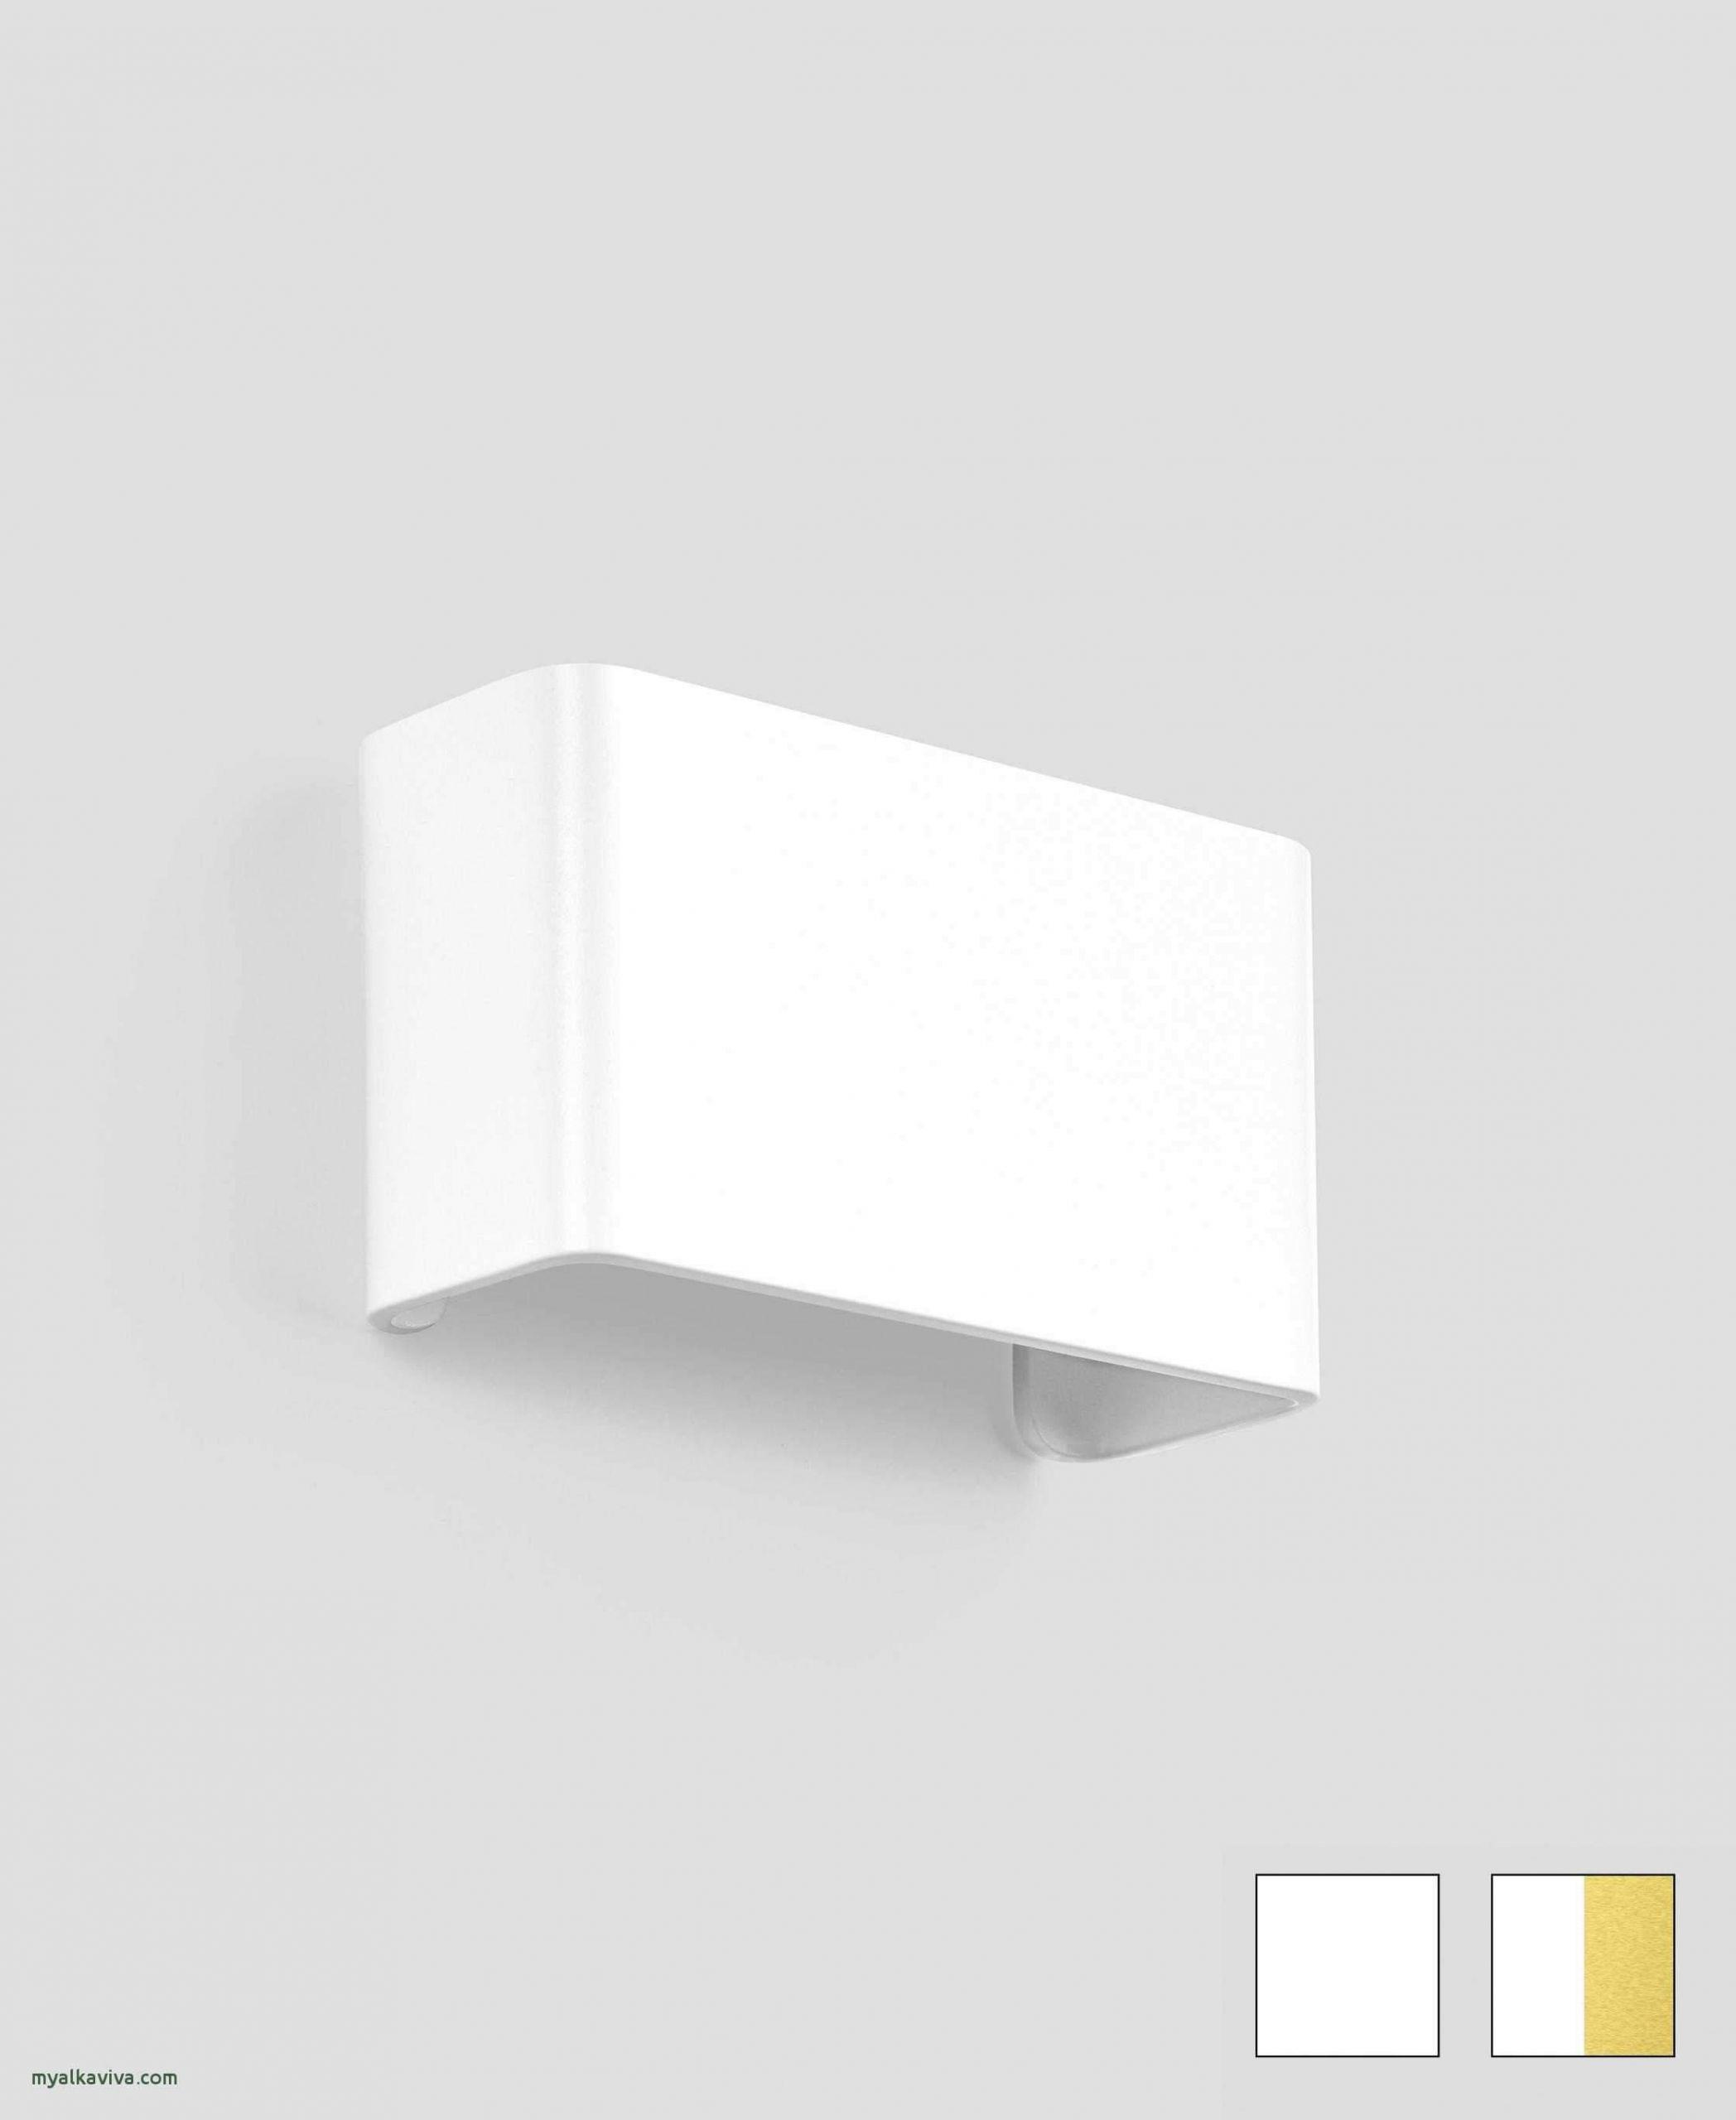 Full Size of Deckenlampe Ideen Schlafzimmer Wohnzimmer Deckenlampen Luxus 40 Einzigartig Von Led Deckenleuchte Modern Tapeten Bad Renovieren Für Wohnzimmer Deckenlampen Ideen